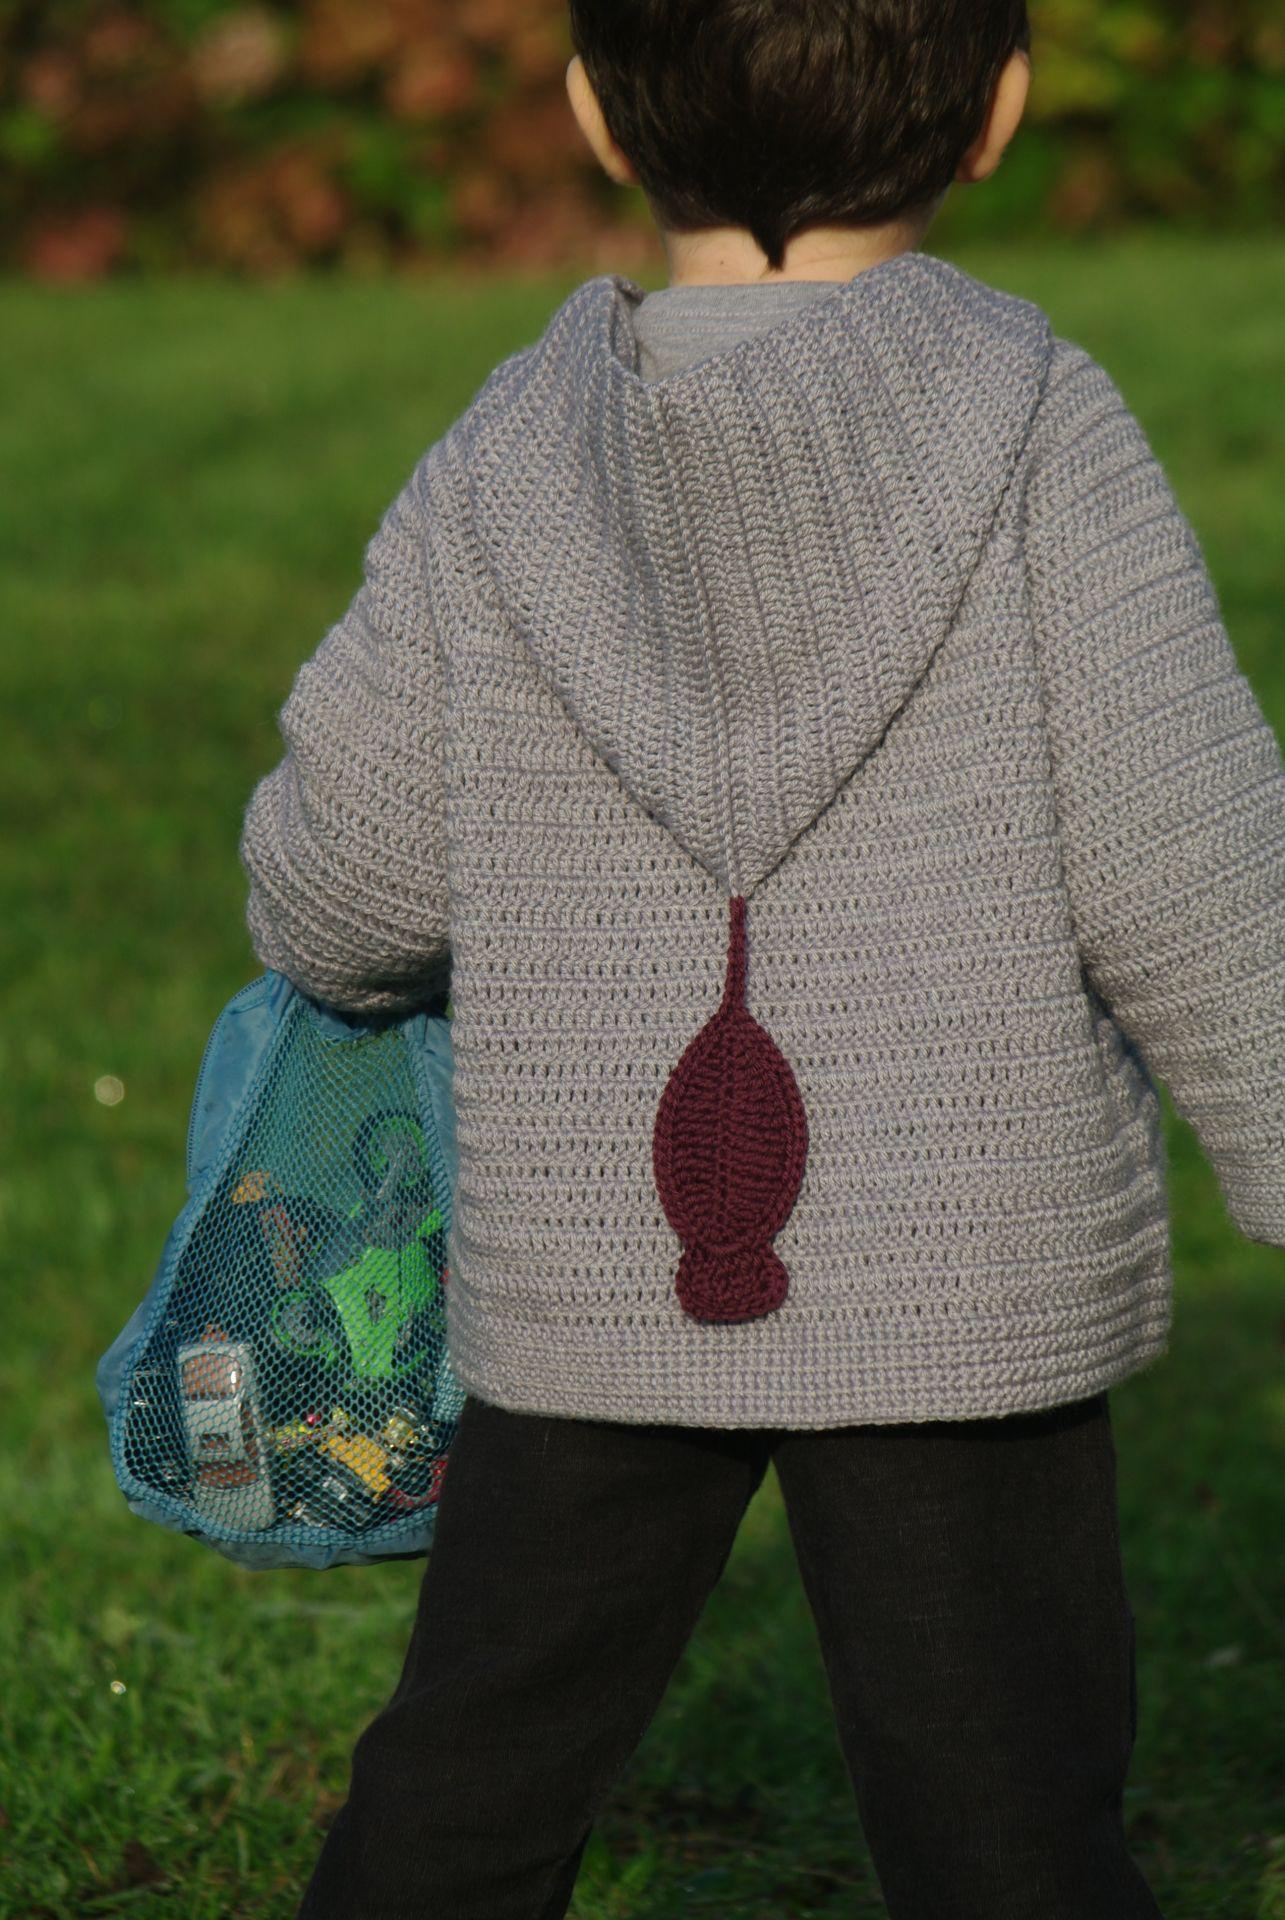 Famoso Los Patrones De Crochet Libre De Soporte De Cacerola Motivo ...